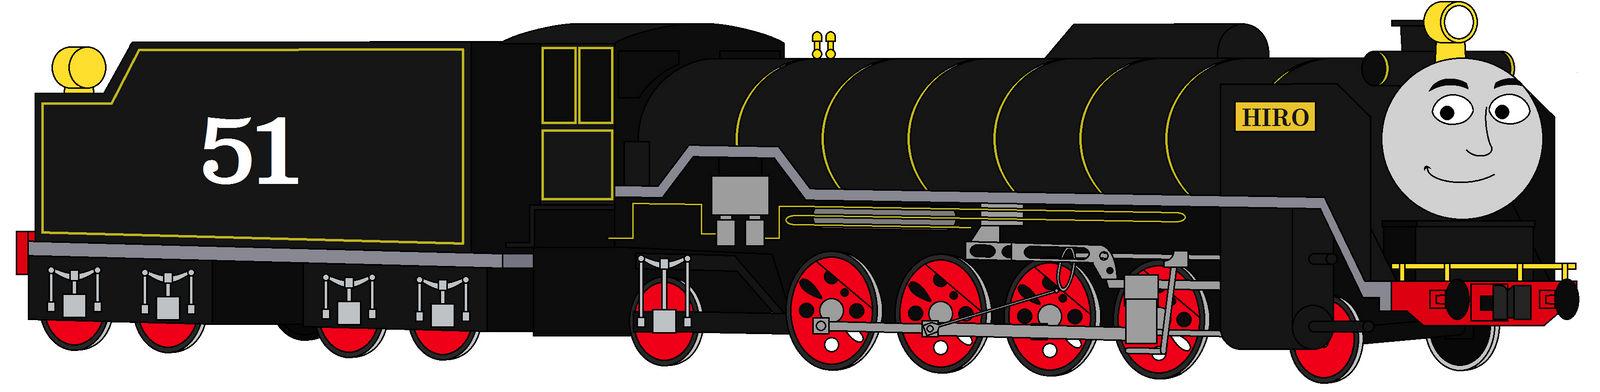 TTTE - Master of the Railway